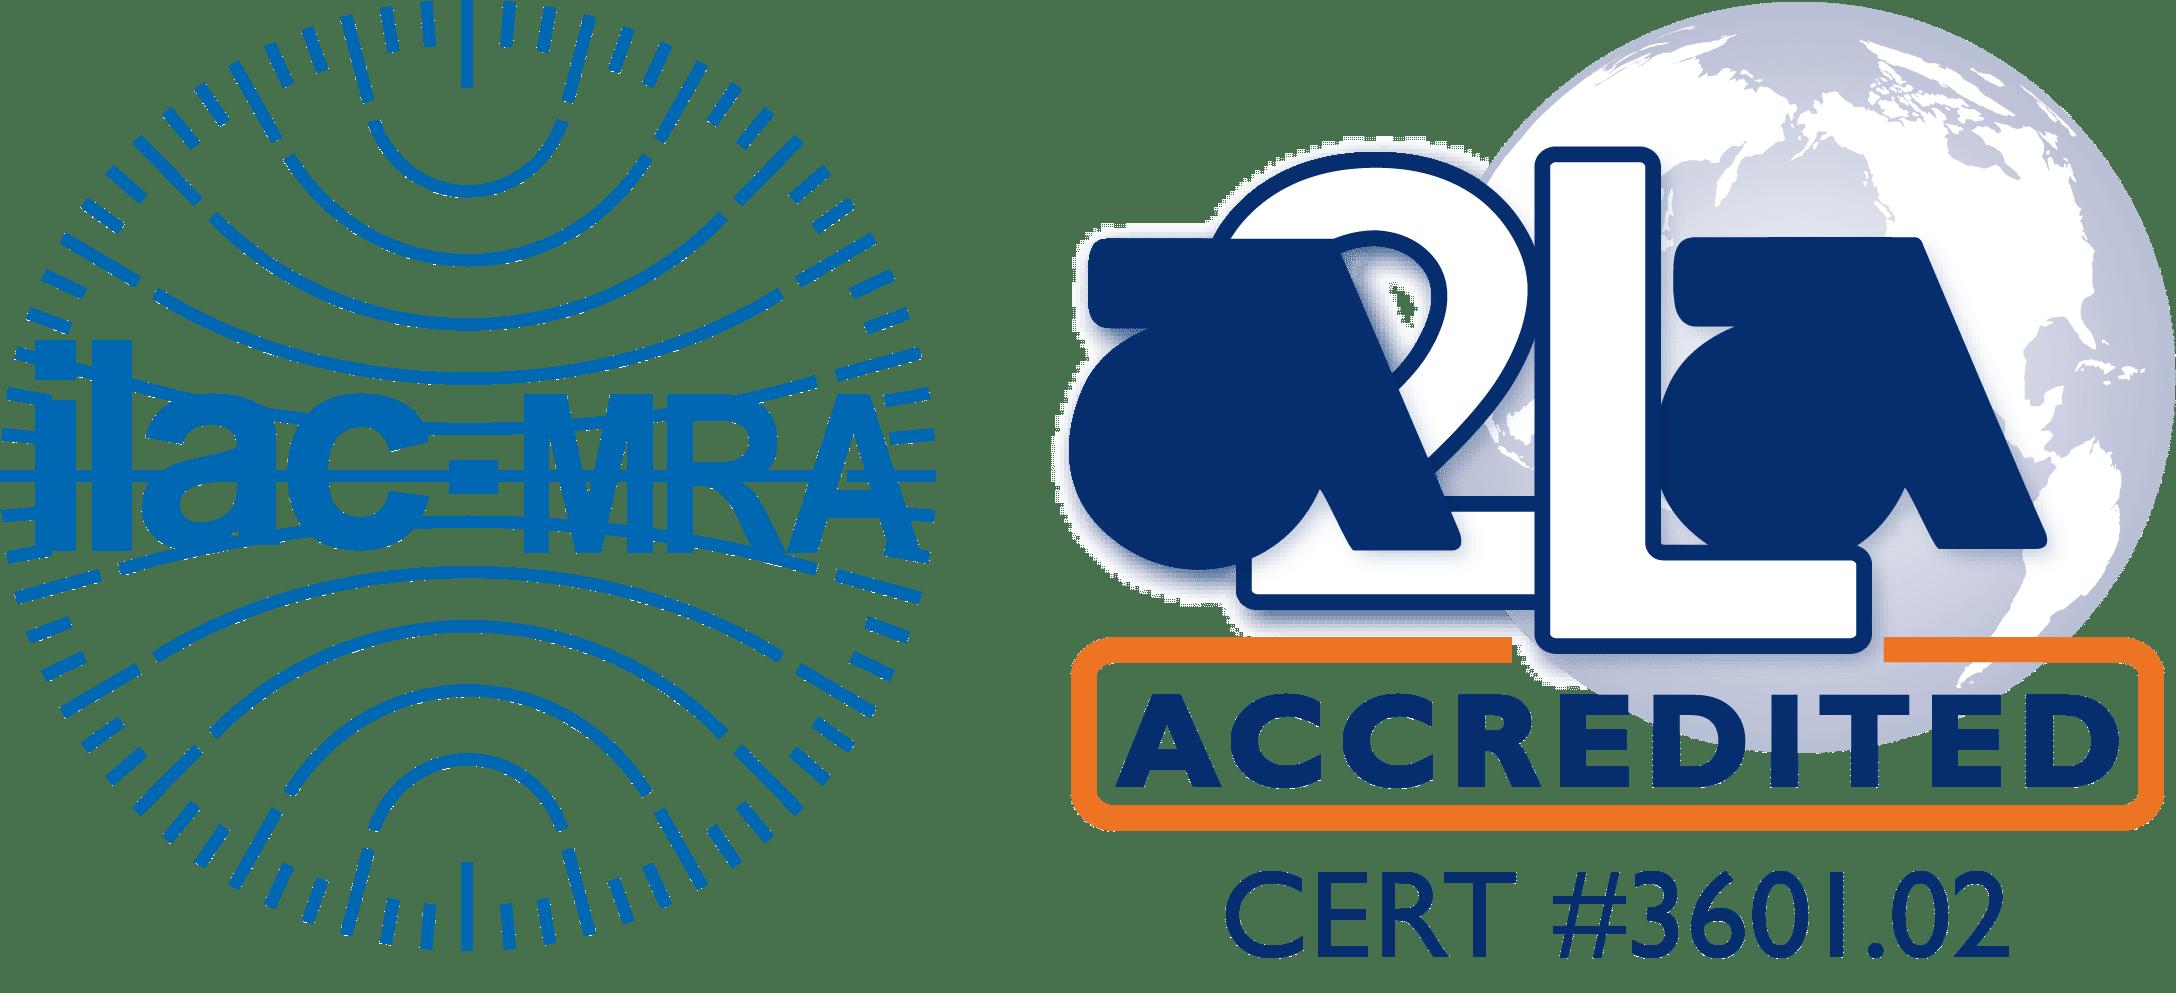 ILAC MRA-A2LA Accredited Symbol 3601.02 Bossier City